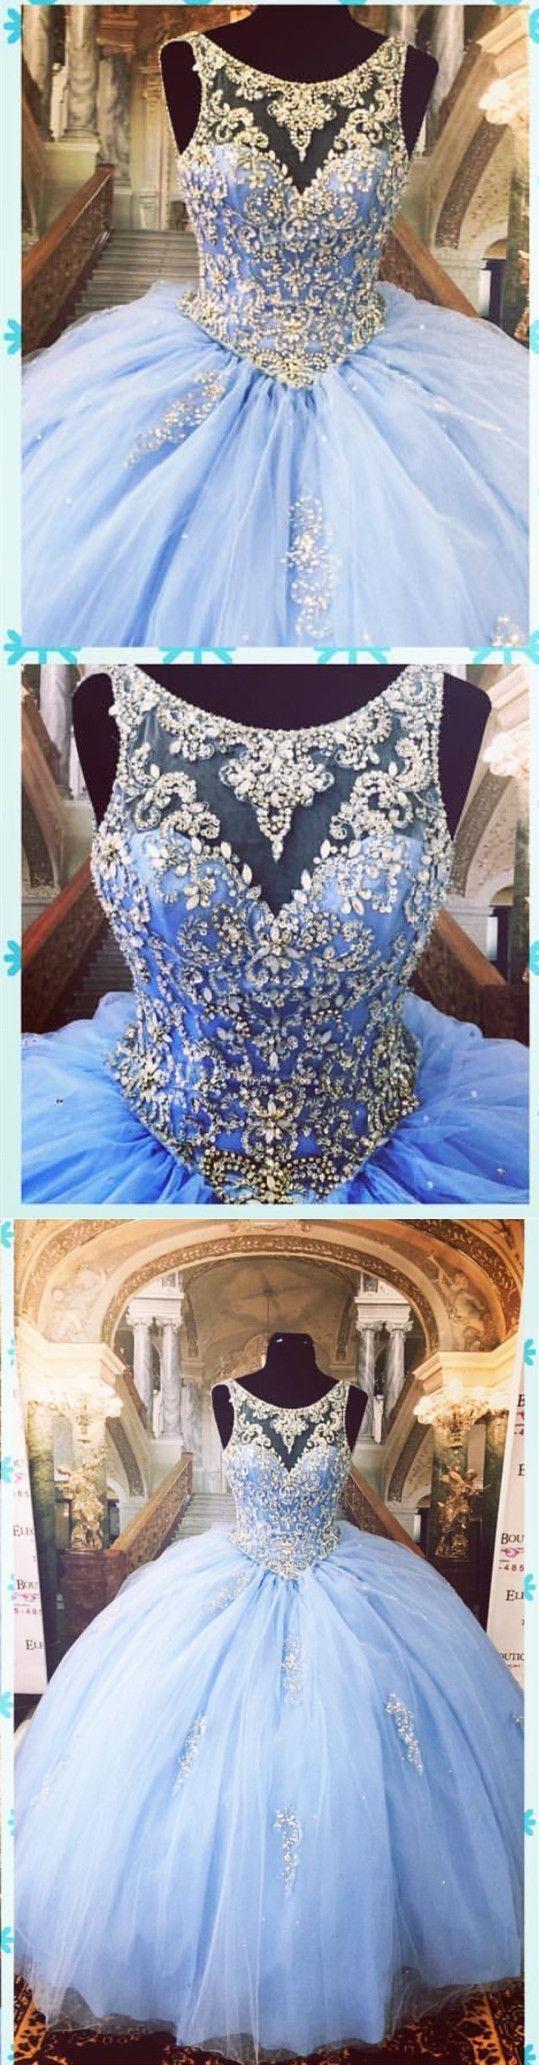 Light Blue Quinceanera Dresses,Ball Gowns Prom Dress,Sweet 16 Dress,Sweet 15